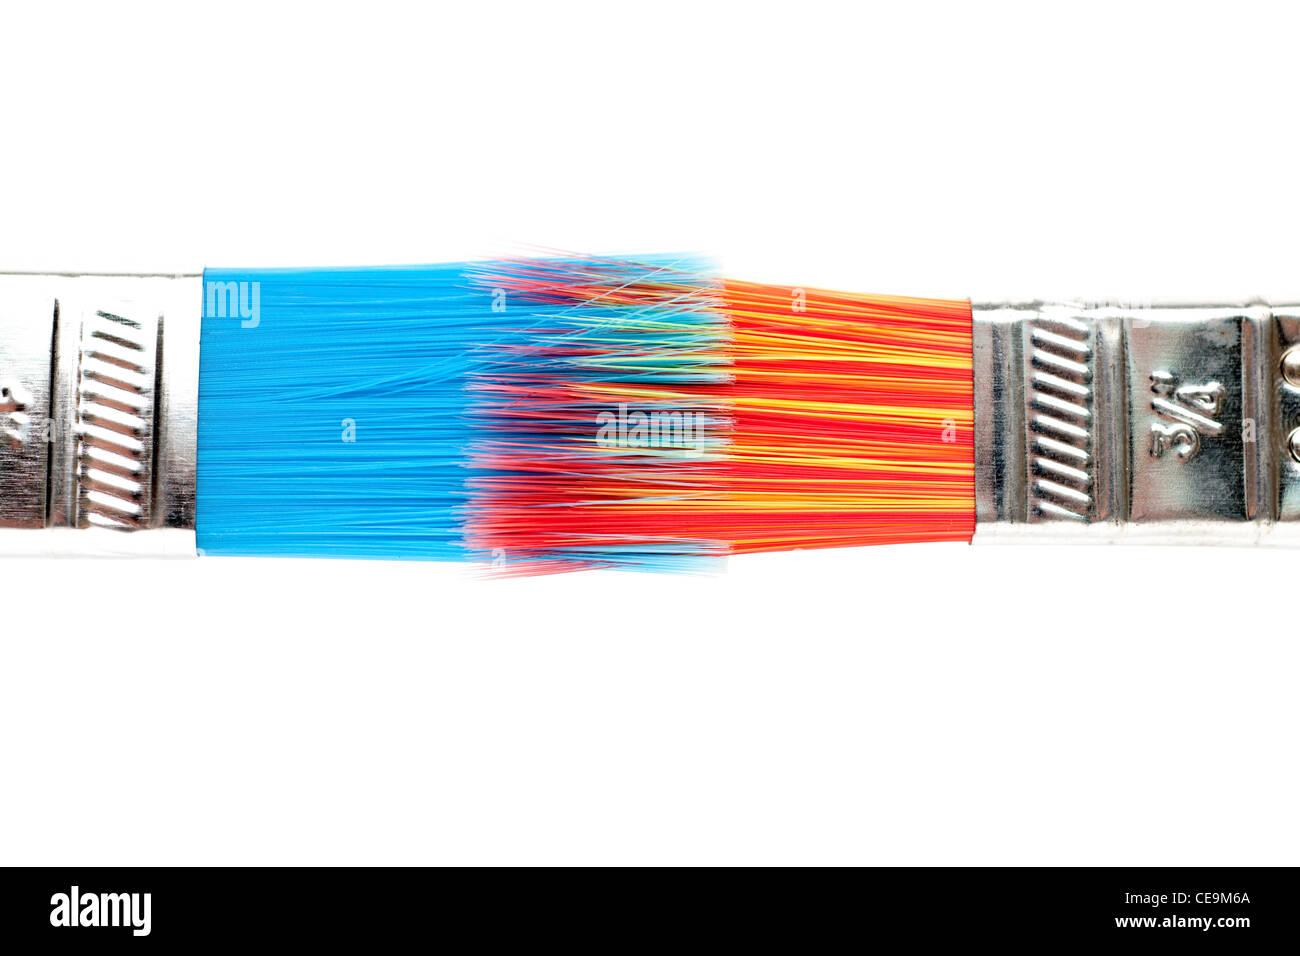 Two interlocked paint brushes - Stock Image